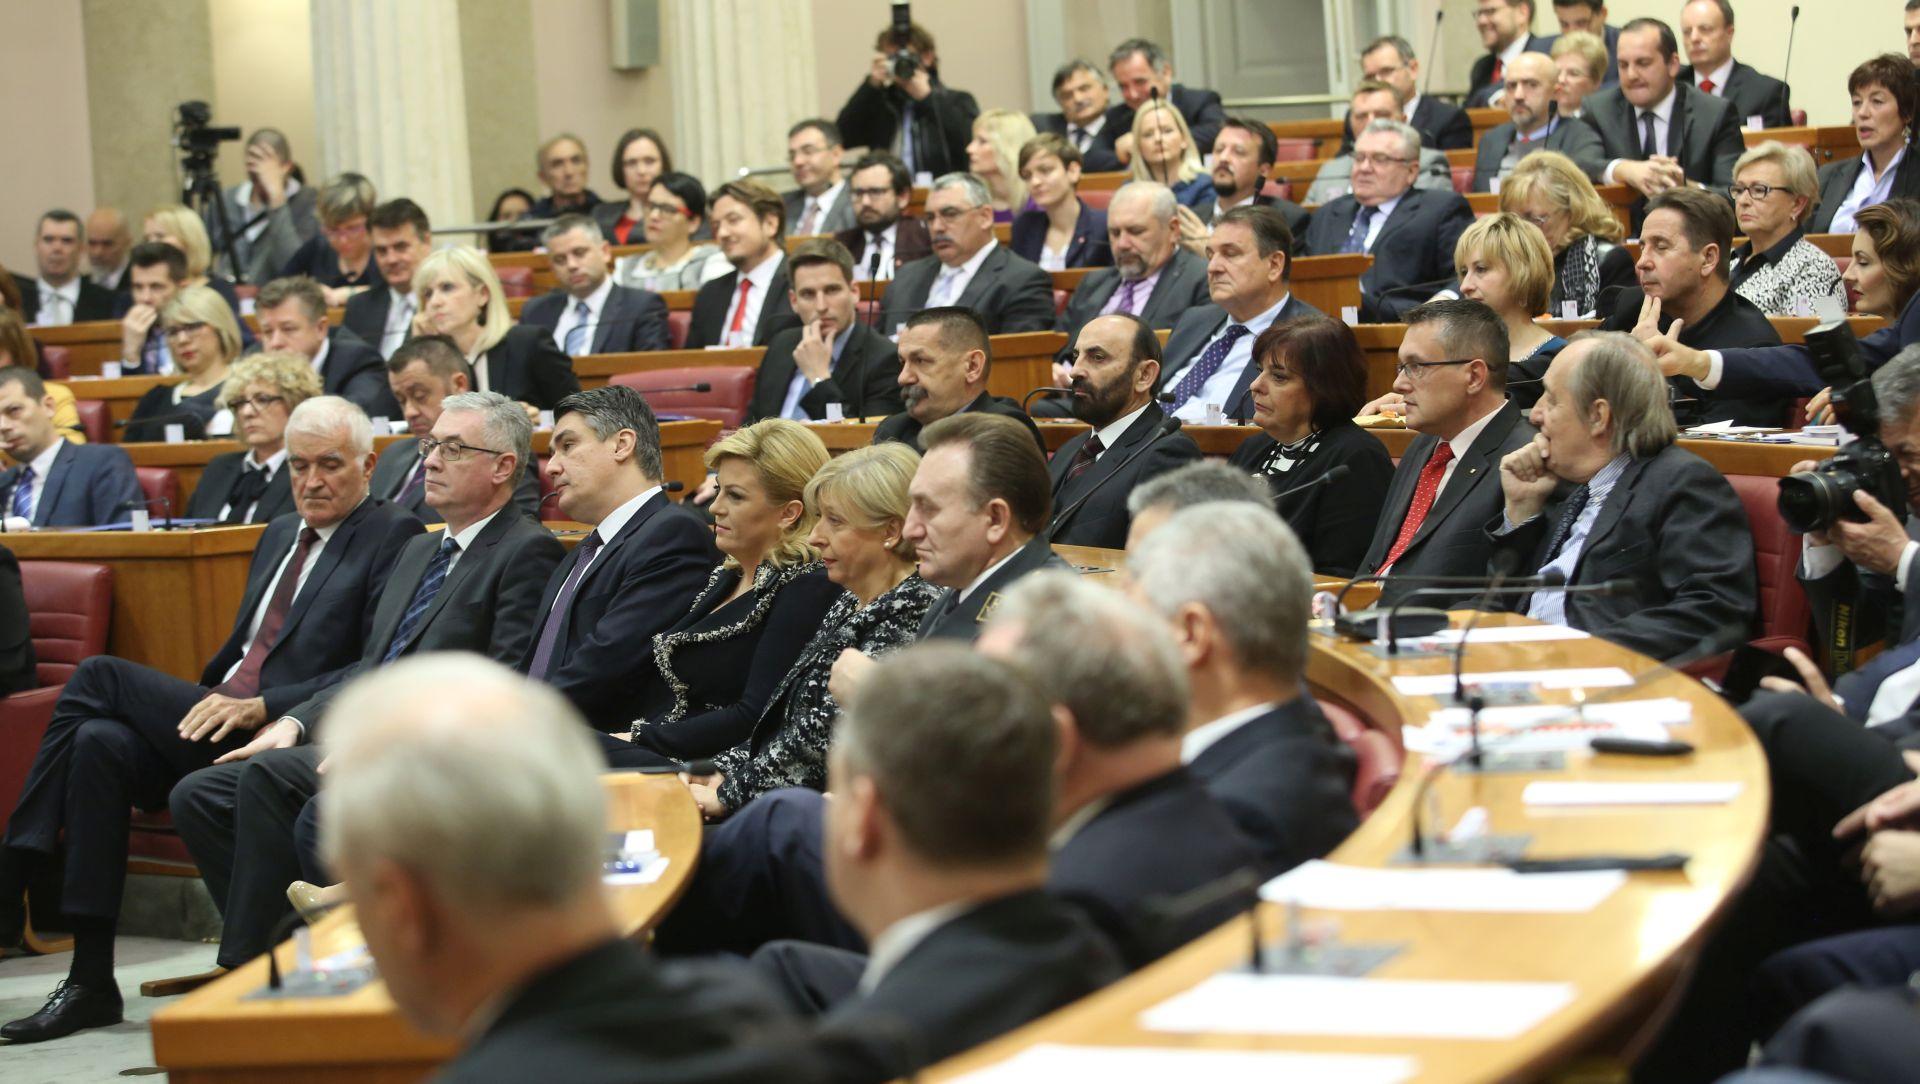 FOTO: PREKINUTA SJEDNICA Zbog izostanka podrške HDZ-a Robert Podolnjak odbio kandidaturu za predsjednika Sabora